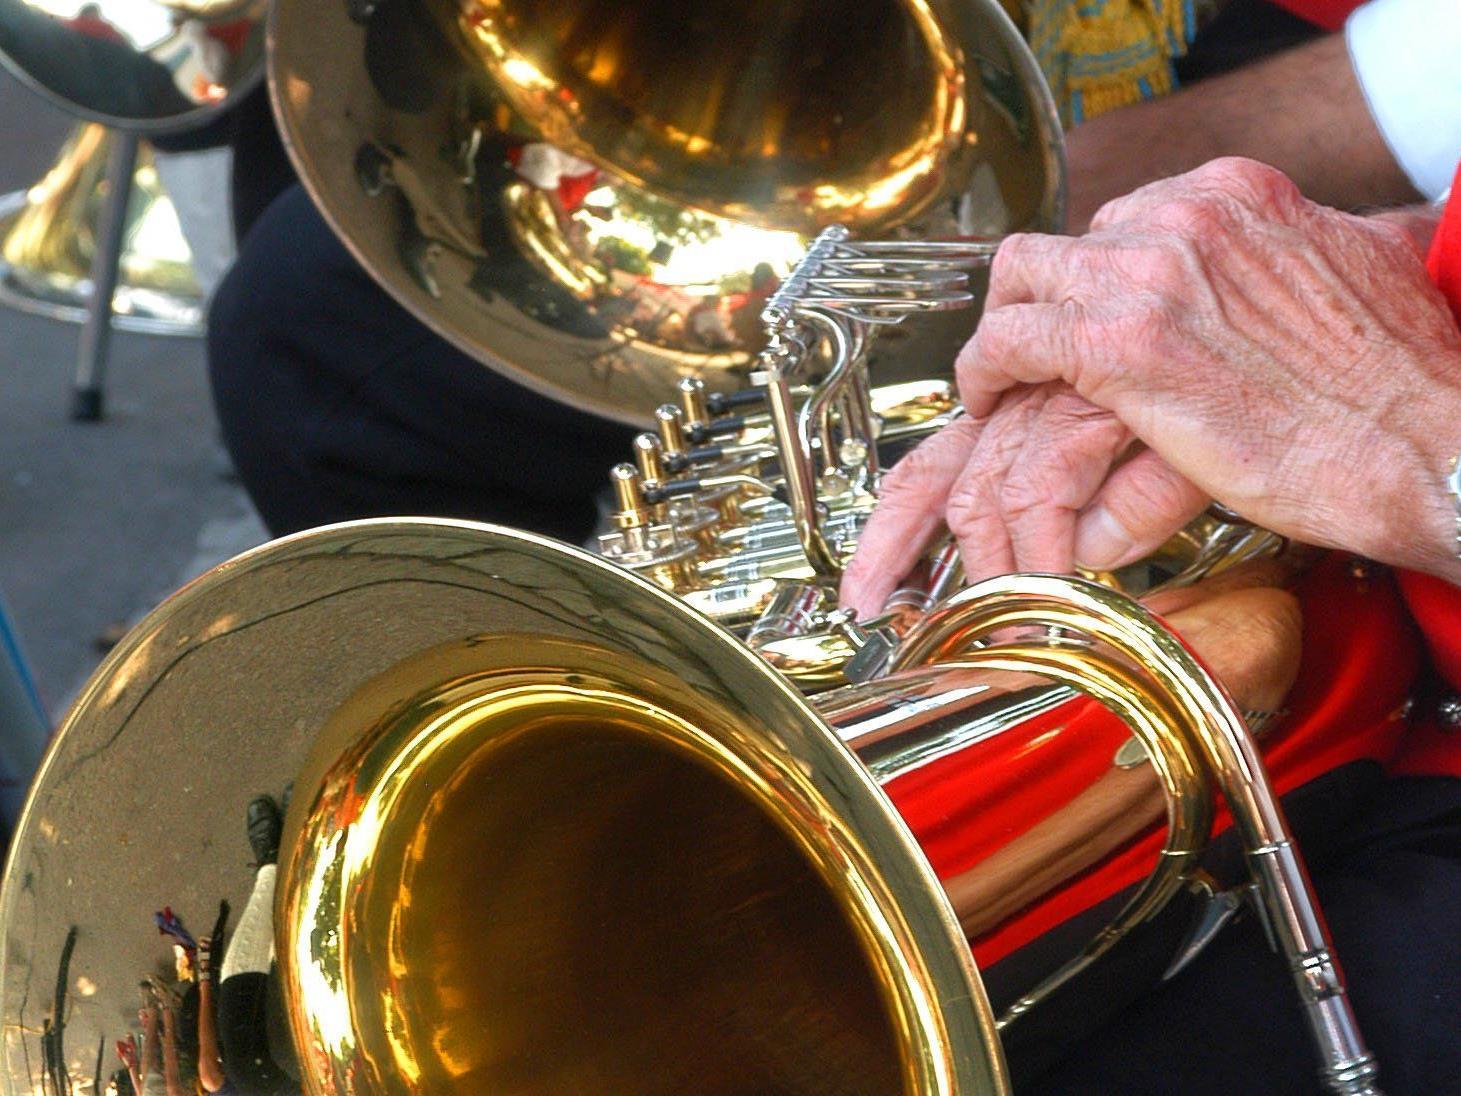 Die Musikschule am Hofsteig freut sich auf einen bunten, musikalischen Abend im Cubus in Wolfurt. (Symbolfoto)